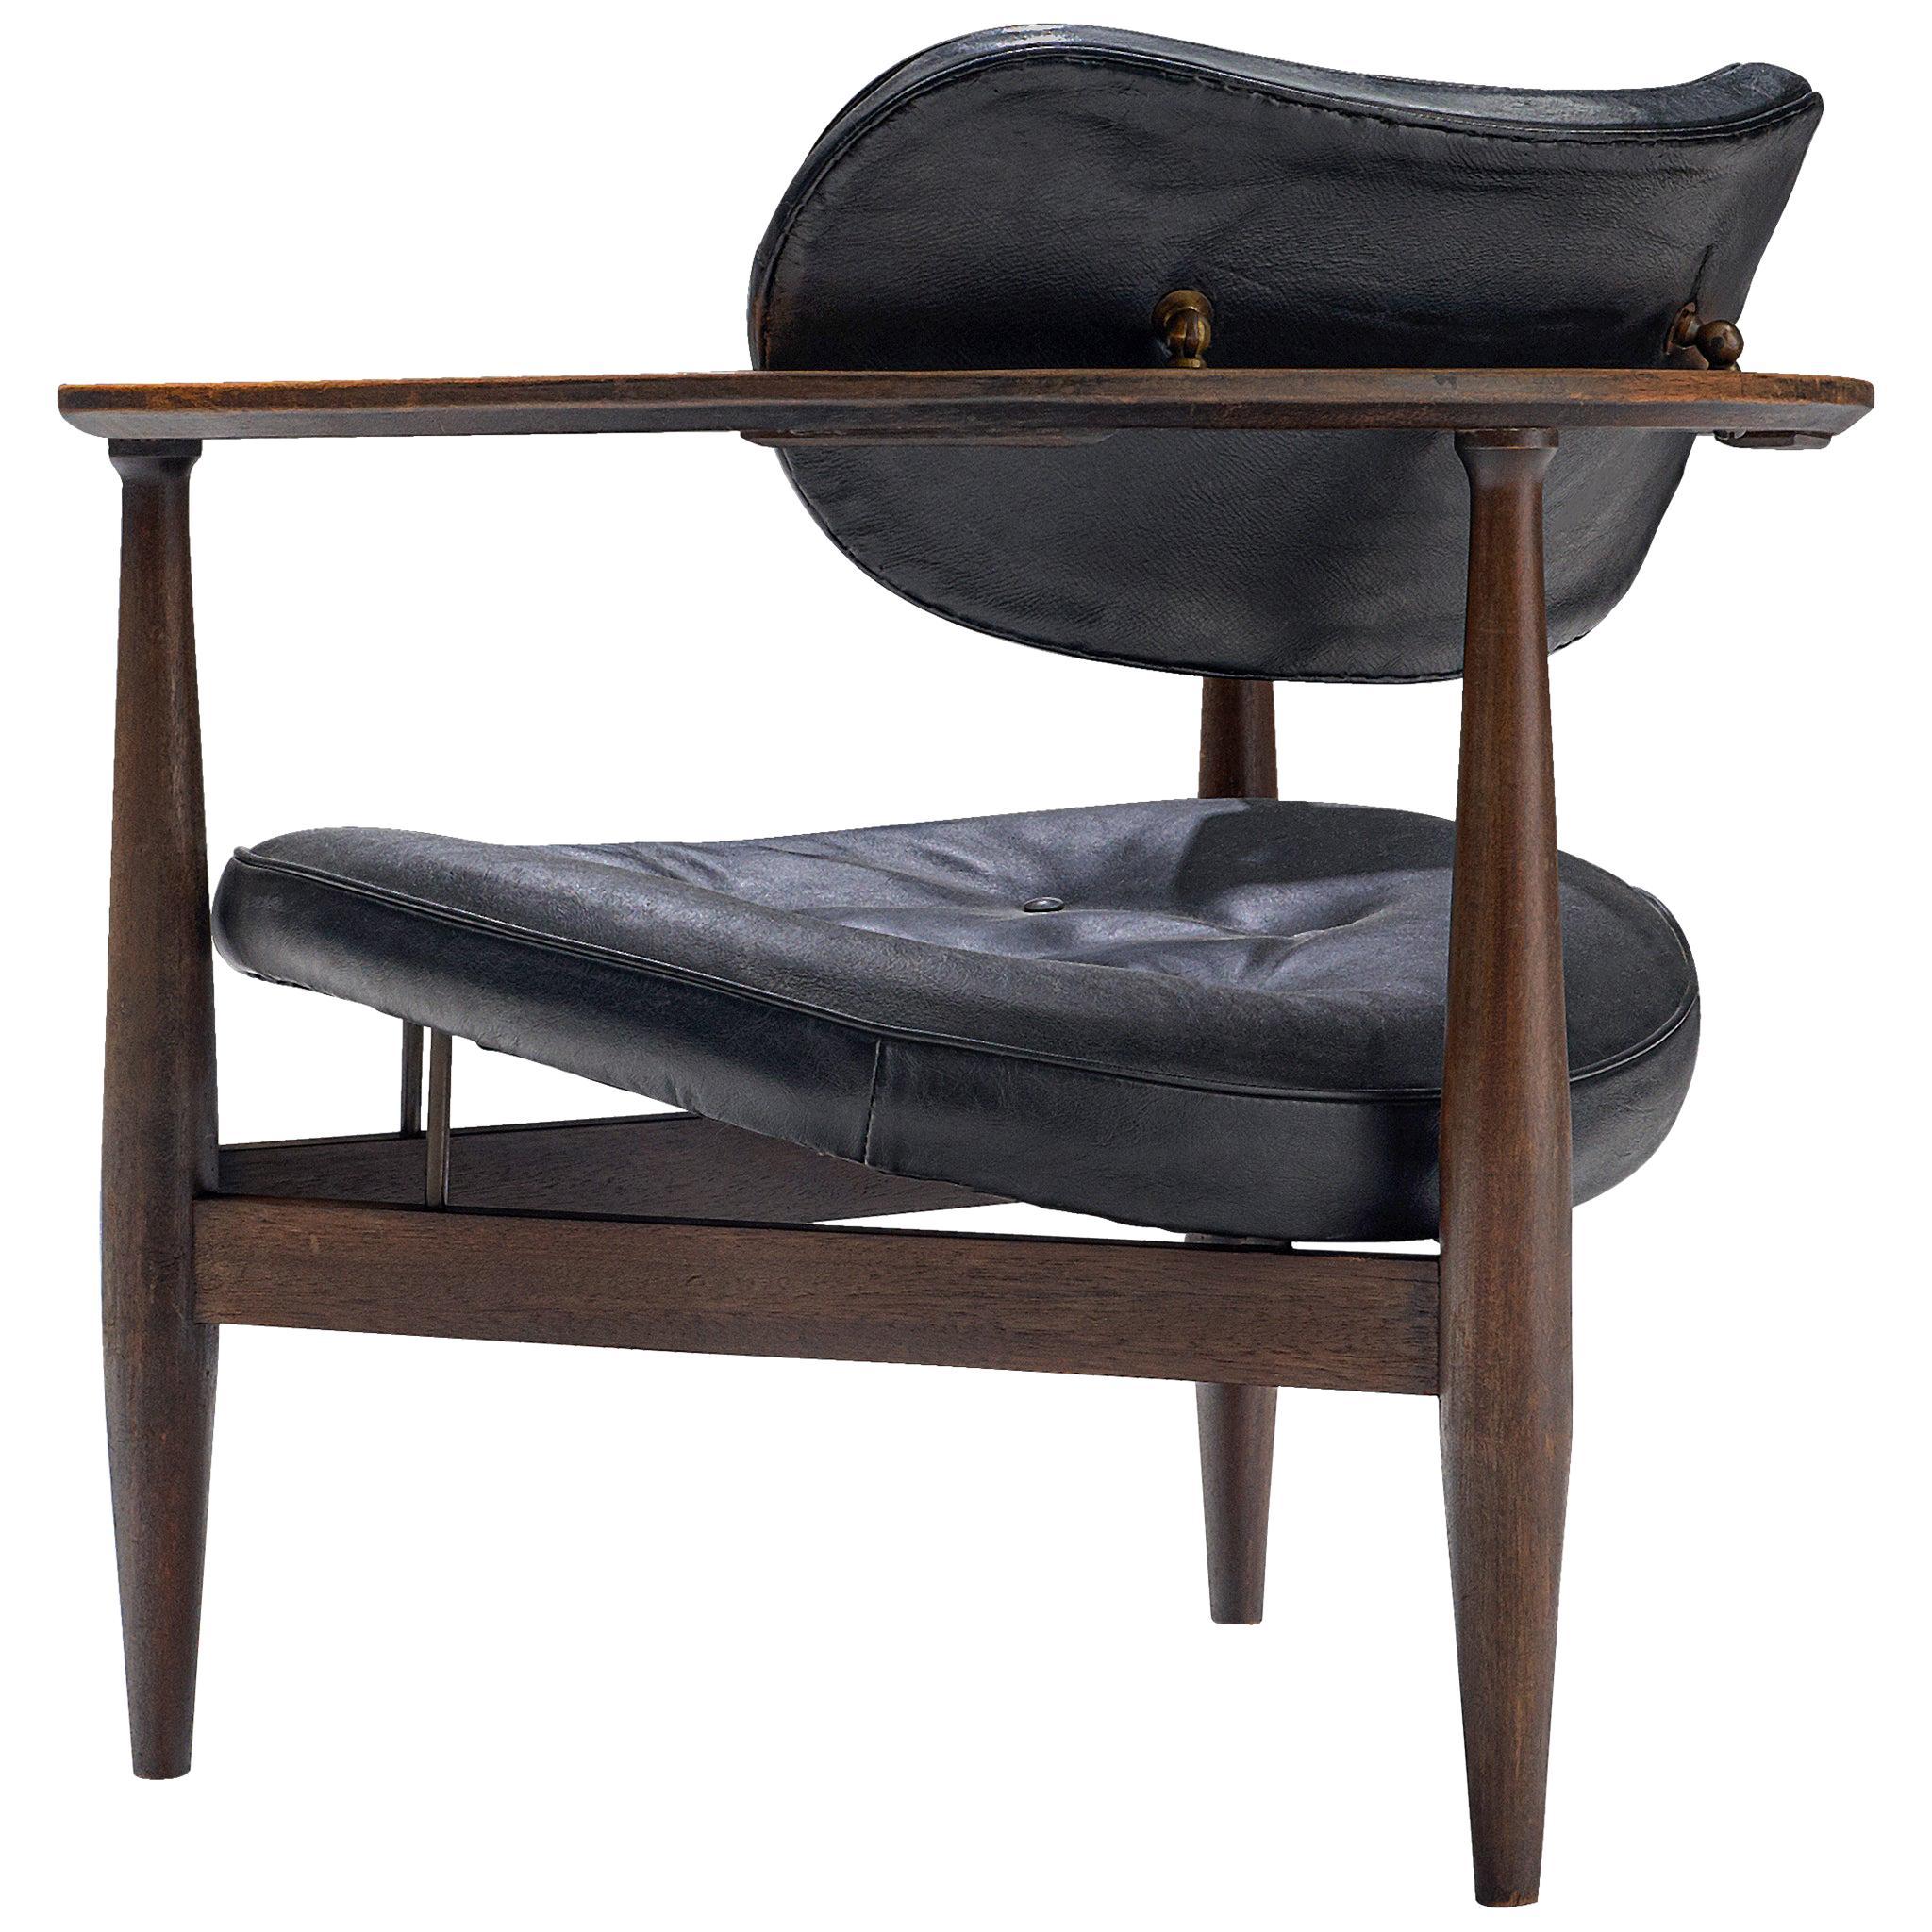 Restored Kor Aldershof Lounge Chair in Black Leather